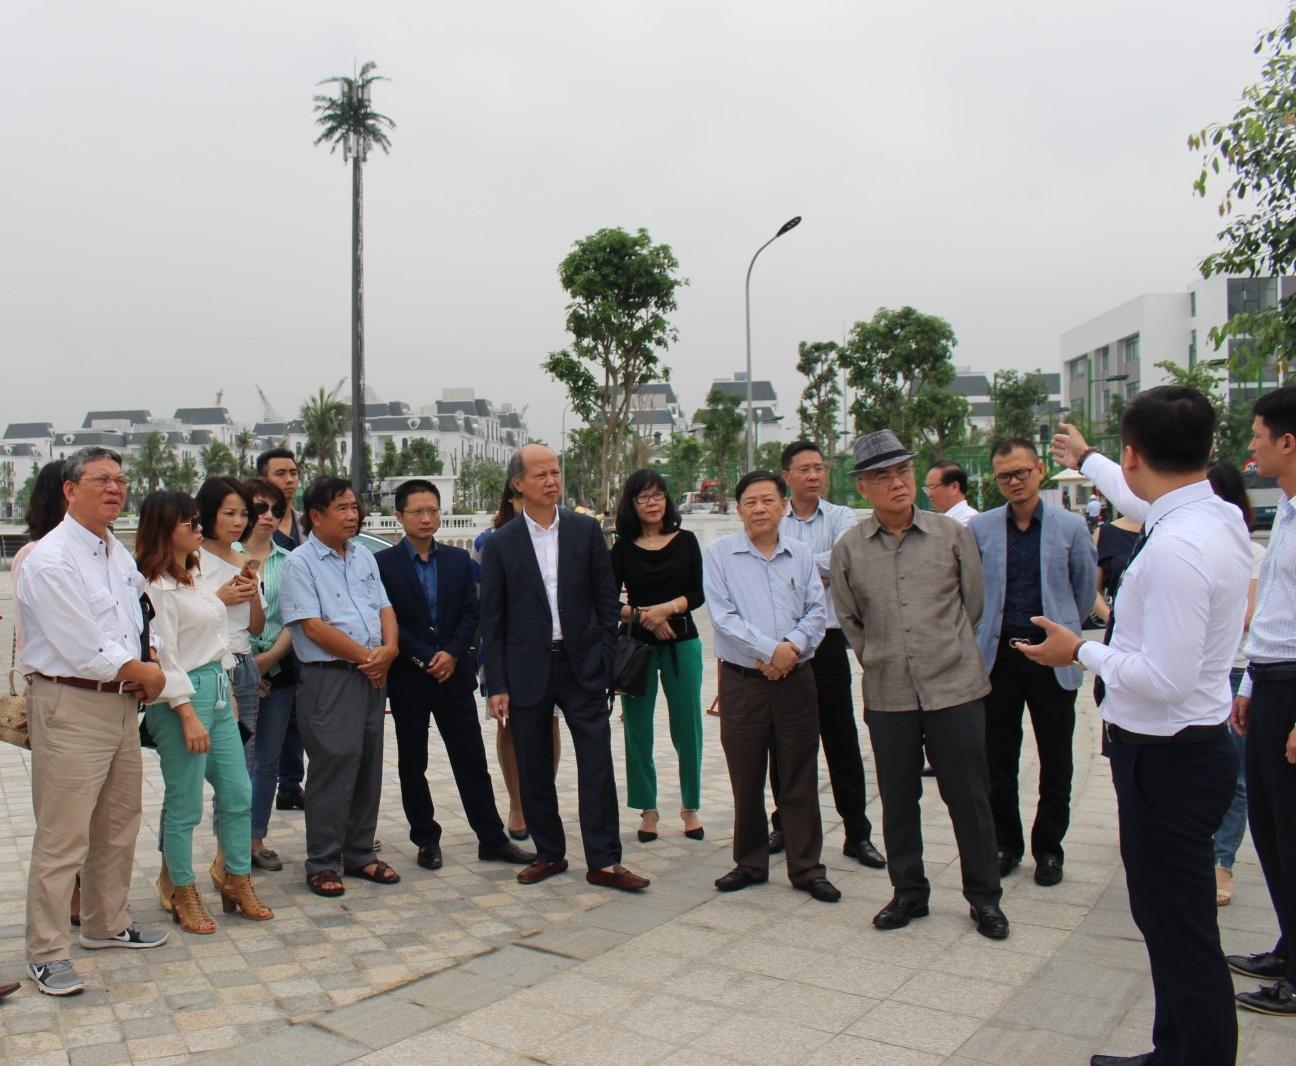 Đoàn Hiệp hội ghé thăm dự an Dự án Vinhomes Imperia của Tập đoàn Vingroup